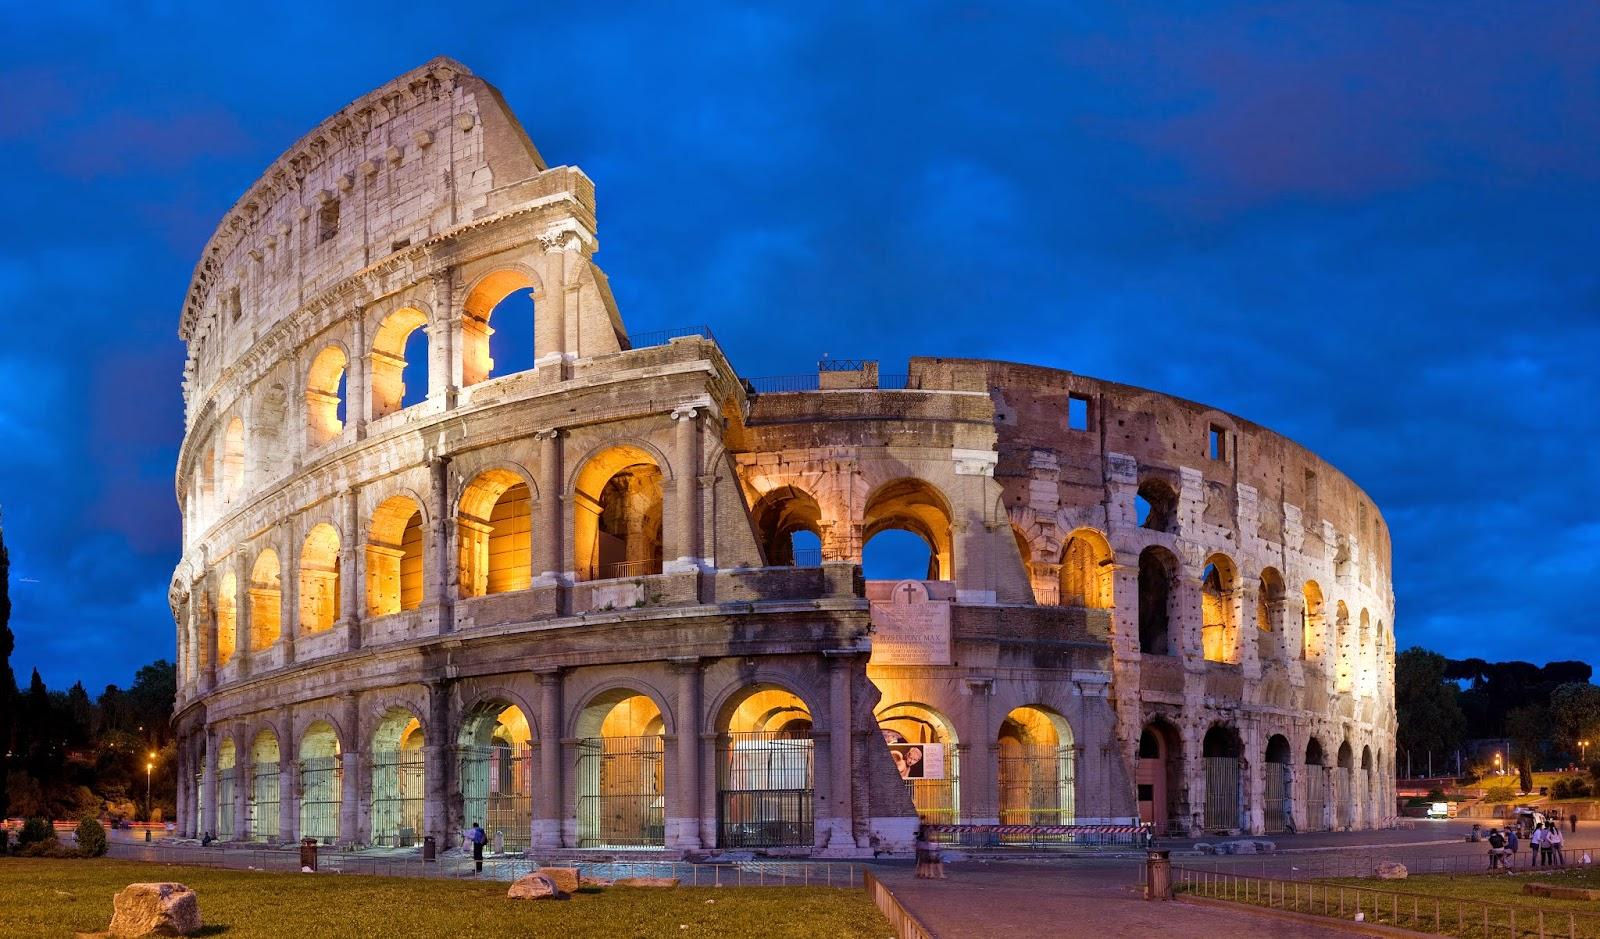 Colloseum, Rome Italy